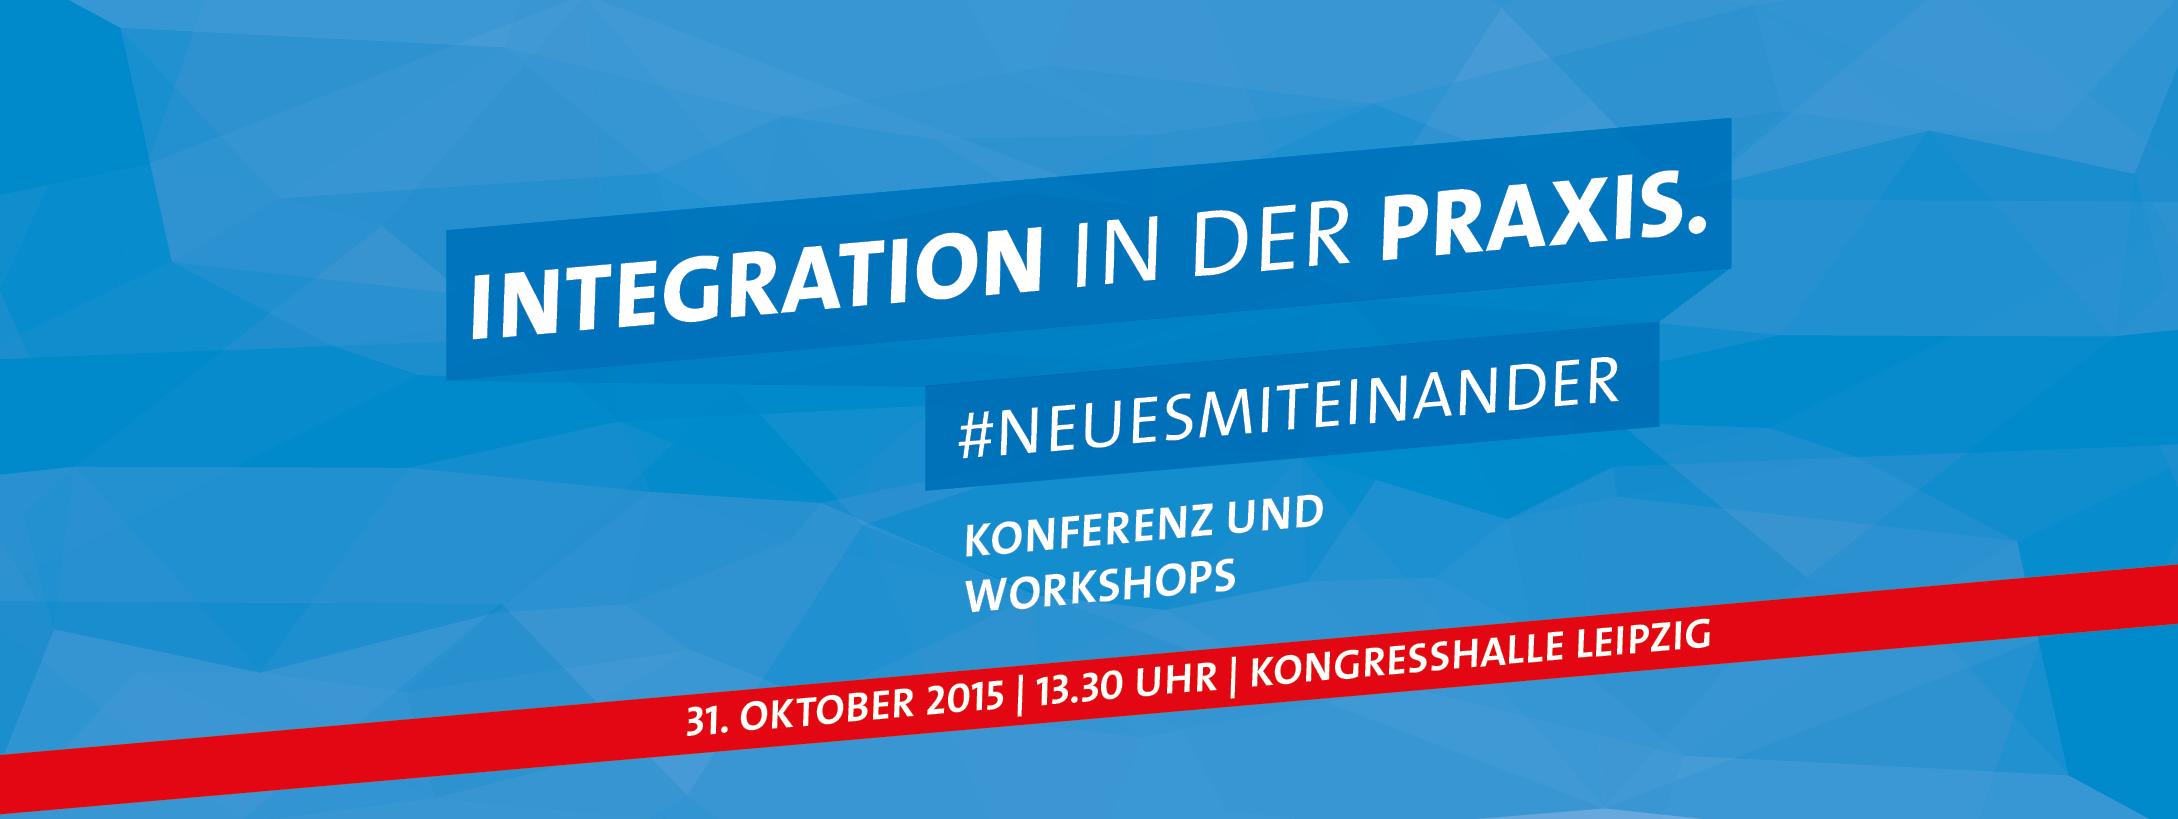 Integration in der Praxis:  SPD lädt Initiativen zu Erfahrungsaustausch und Workshops ein